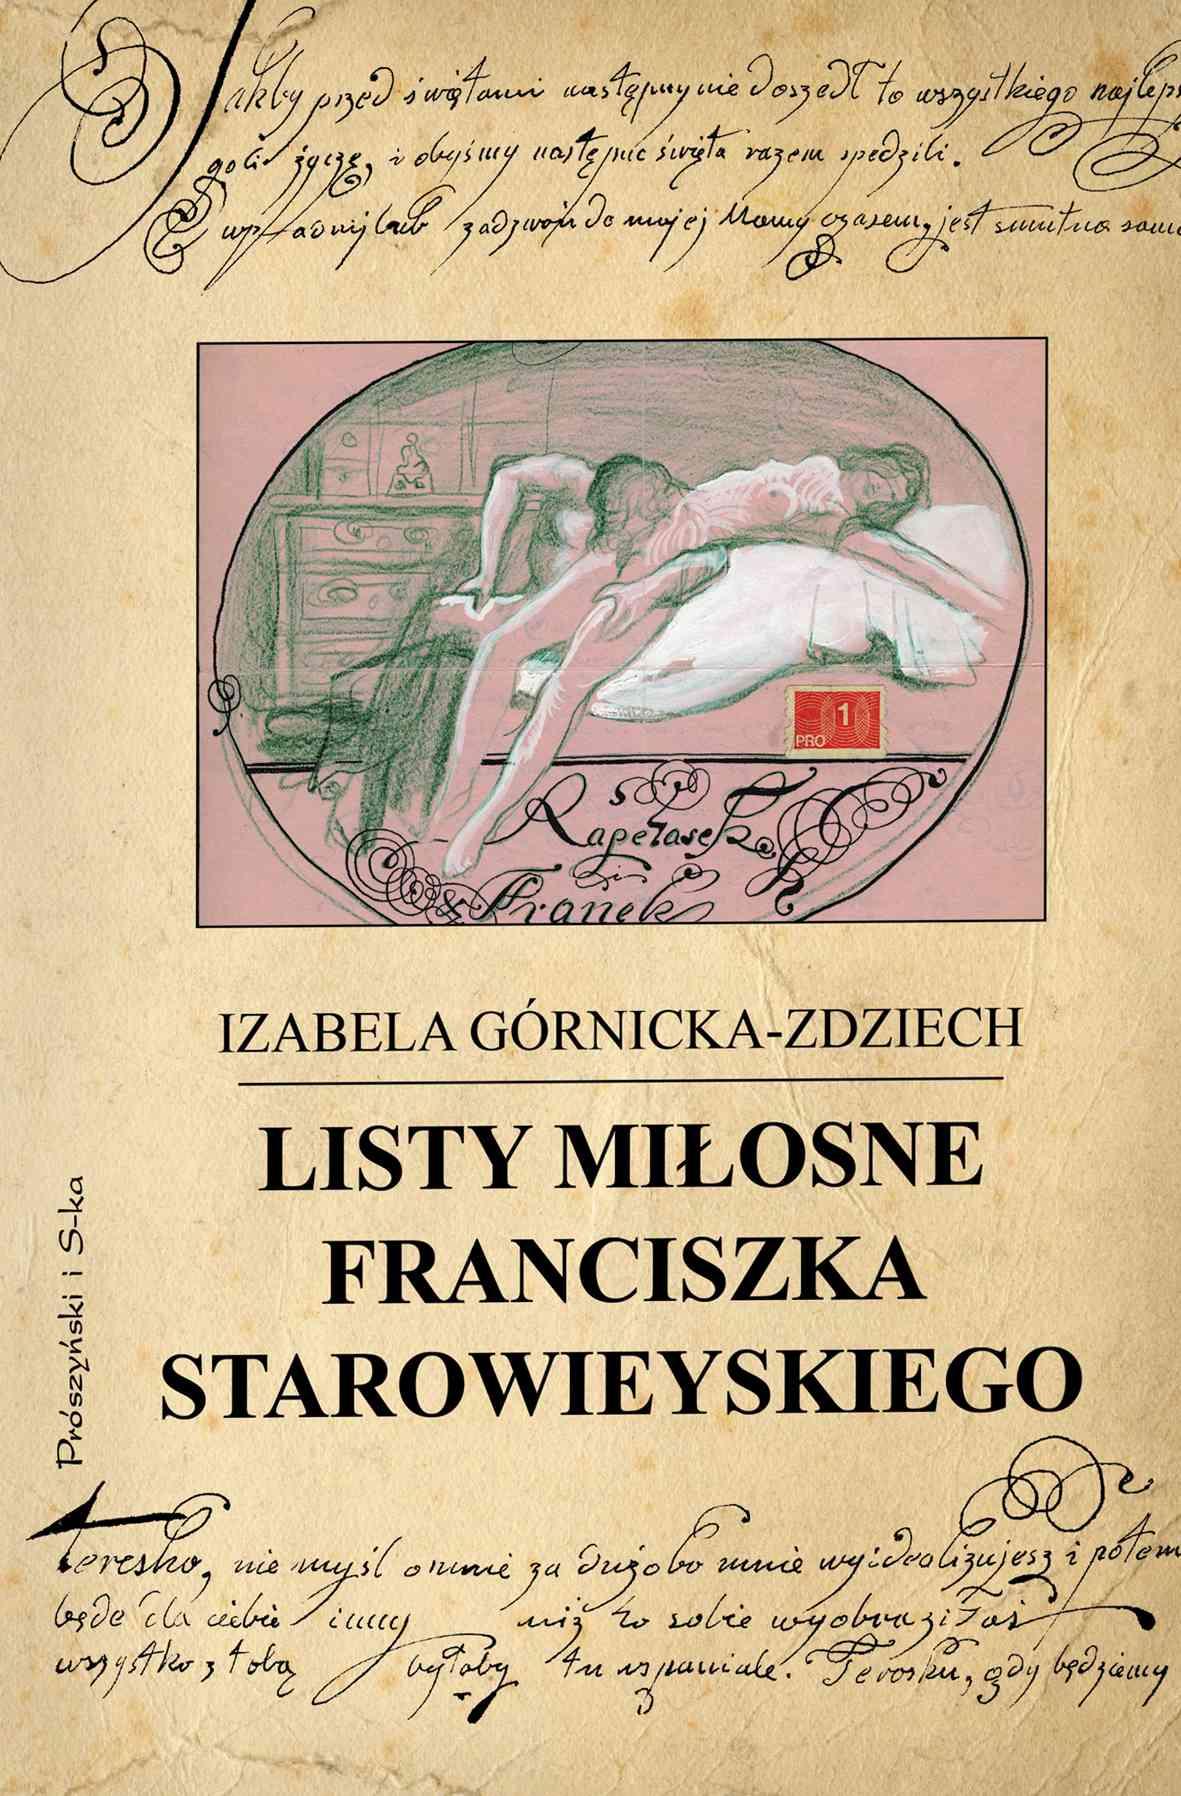 Listy miłosne Franciszka Starowieyskiego - Ebook (Książka EPUB) do pobrania w formacie EPUB